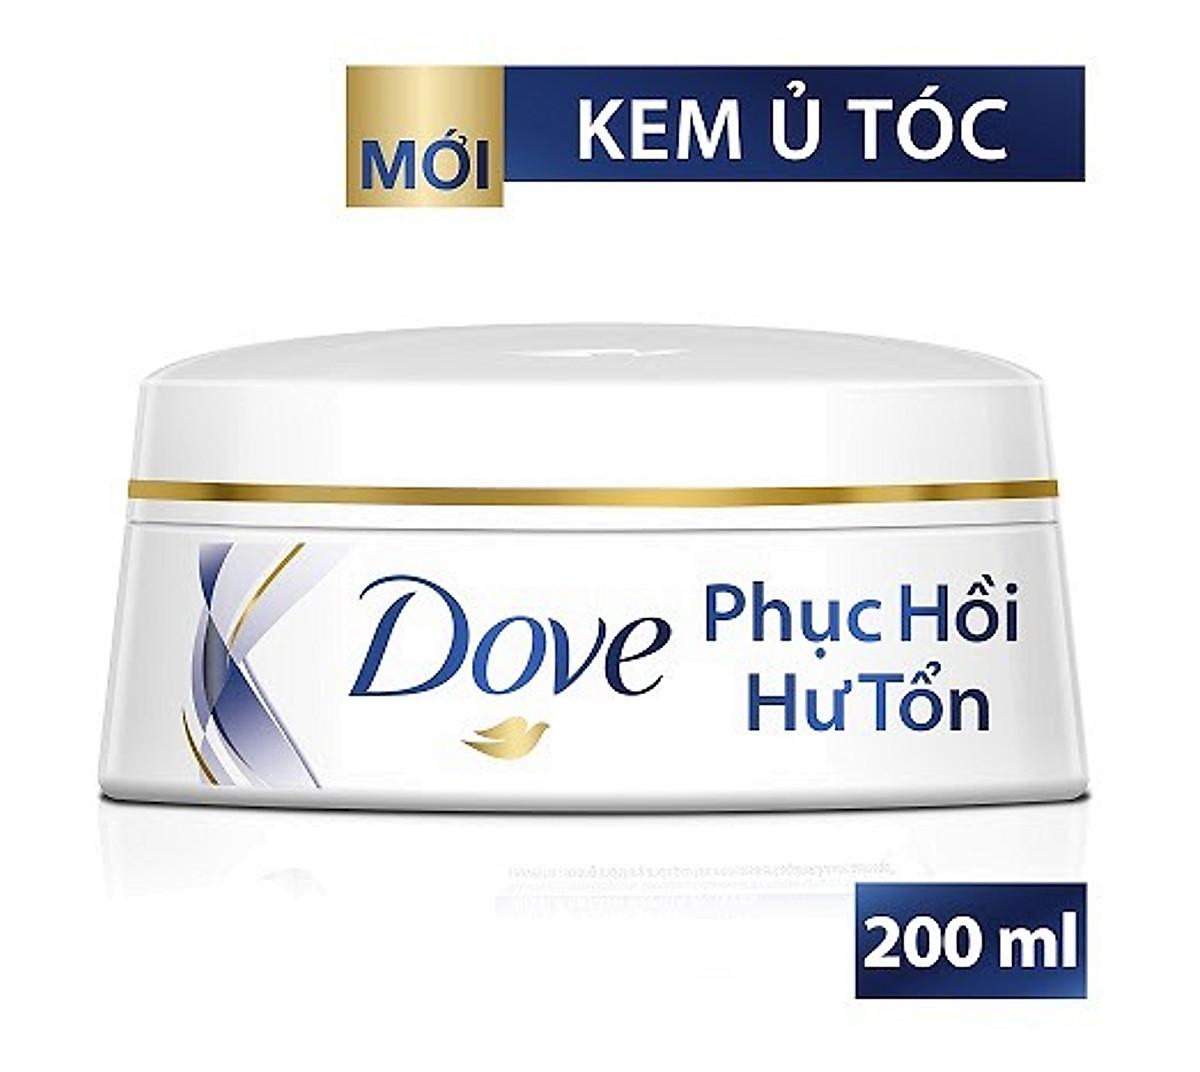 kem ủ tóc Dove